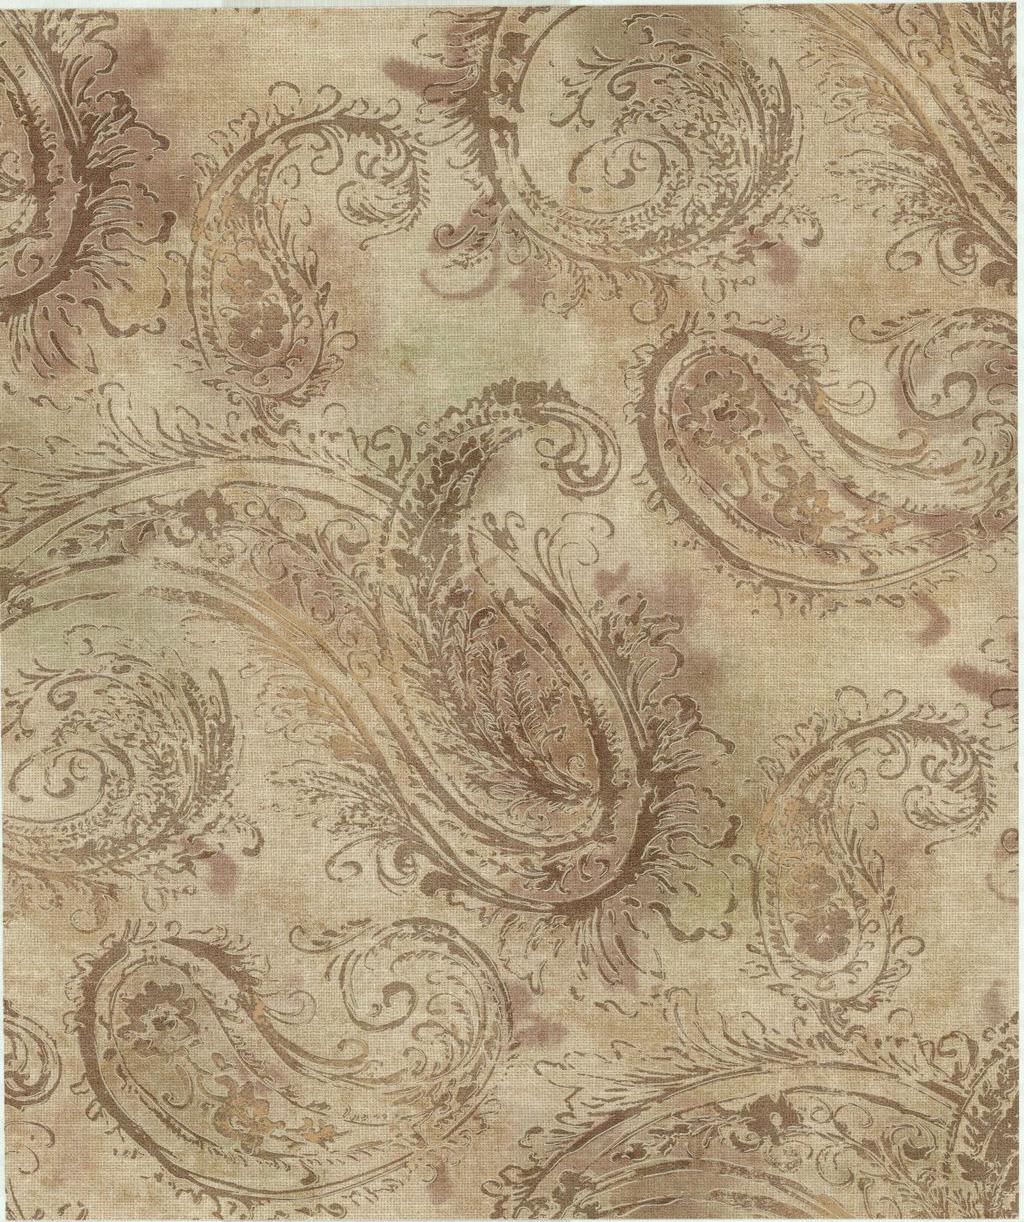 Итальянские обои Estro,  коллекция Voyage, артикулY6190104